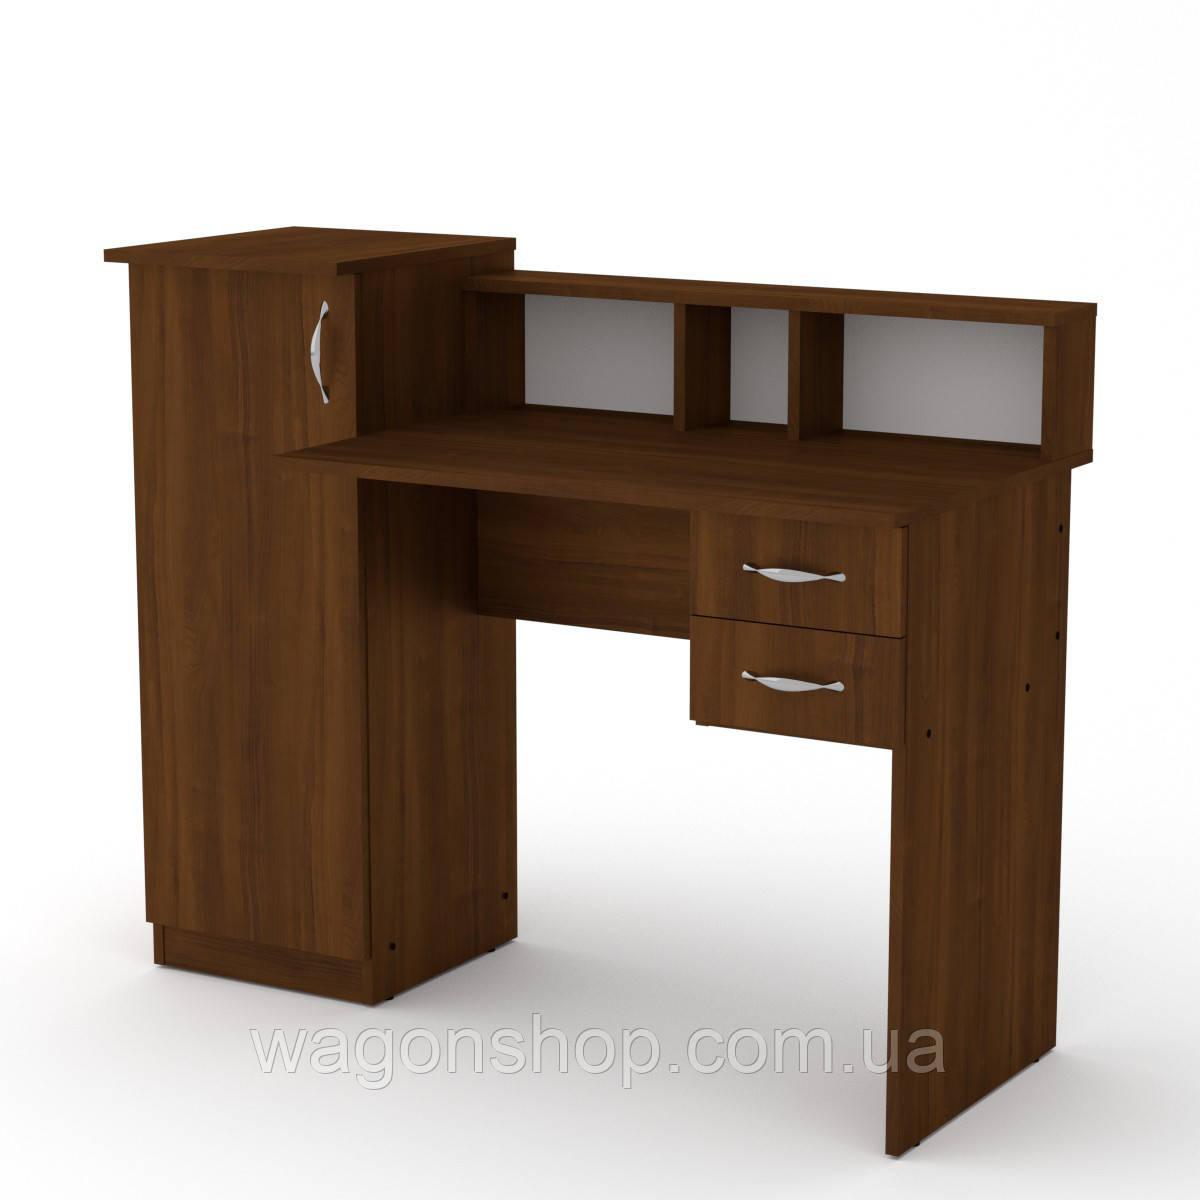 Стол компьютерный Компанит ПИ-ПИ-1